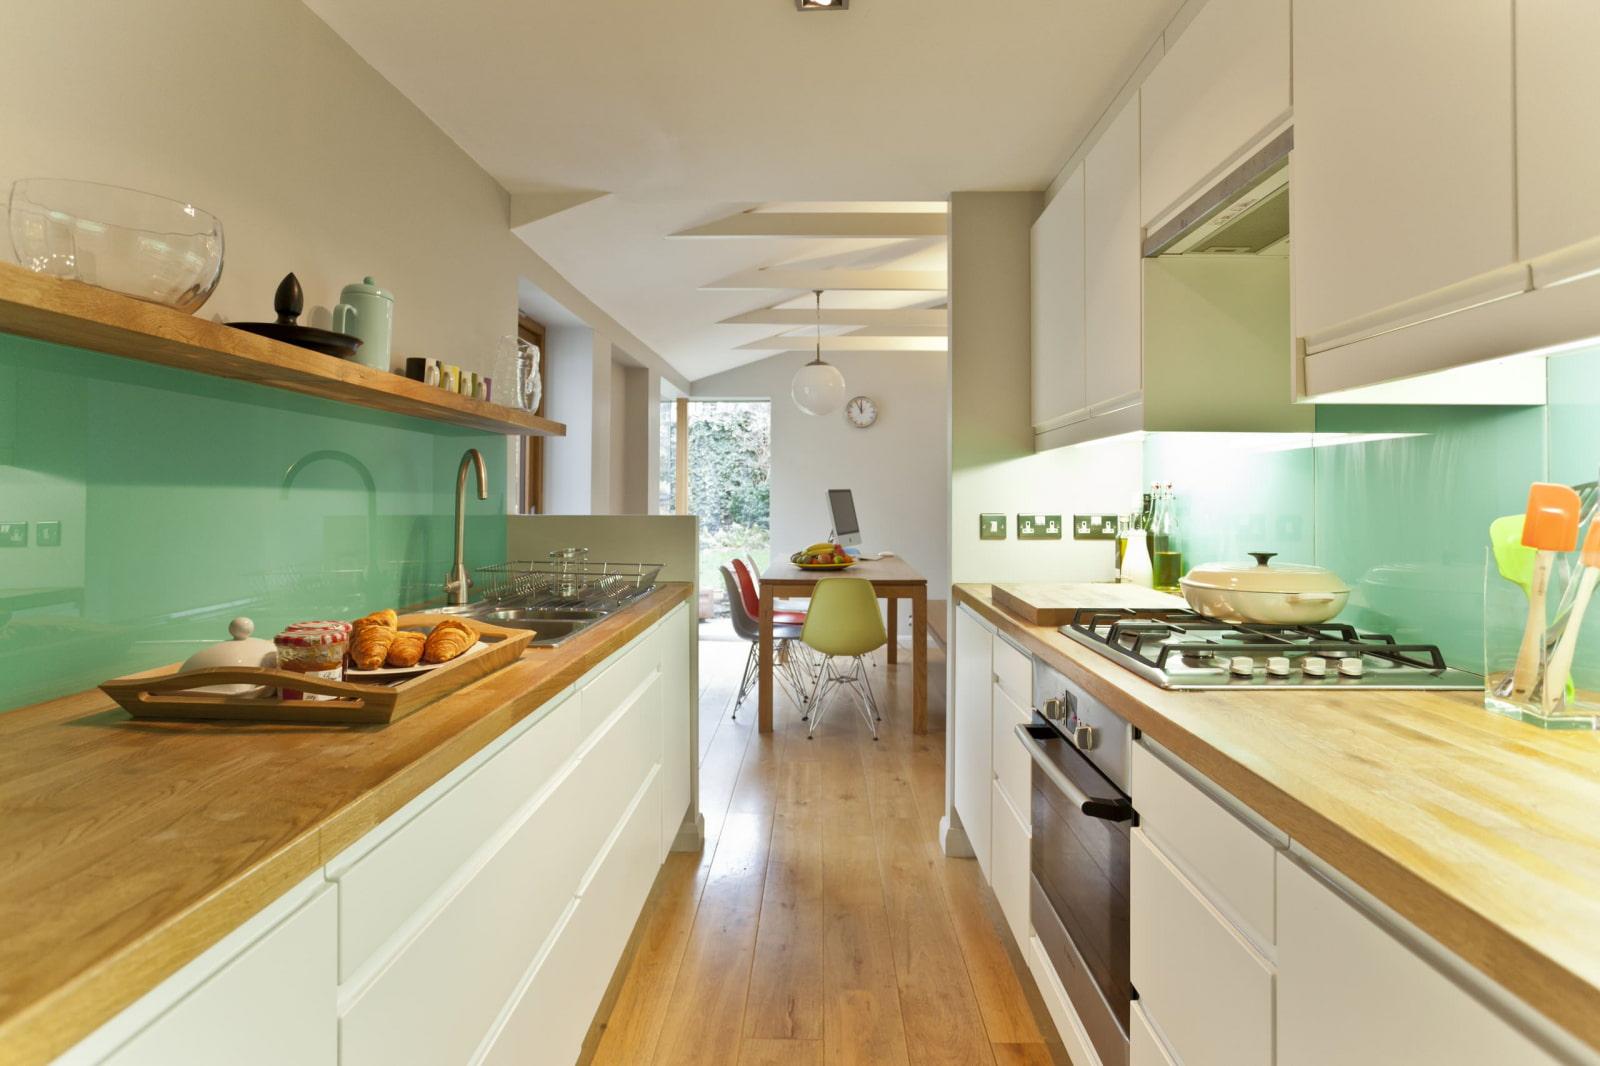 длинная и узкая кухня белая с деревянной столешницей